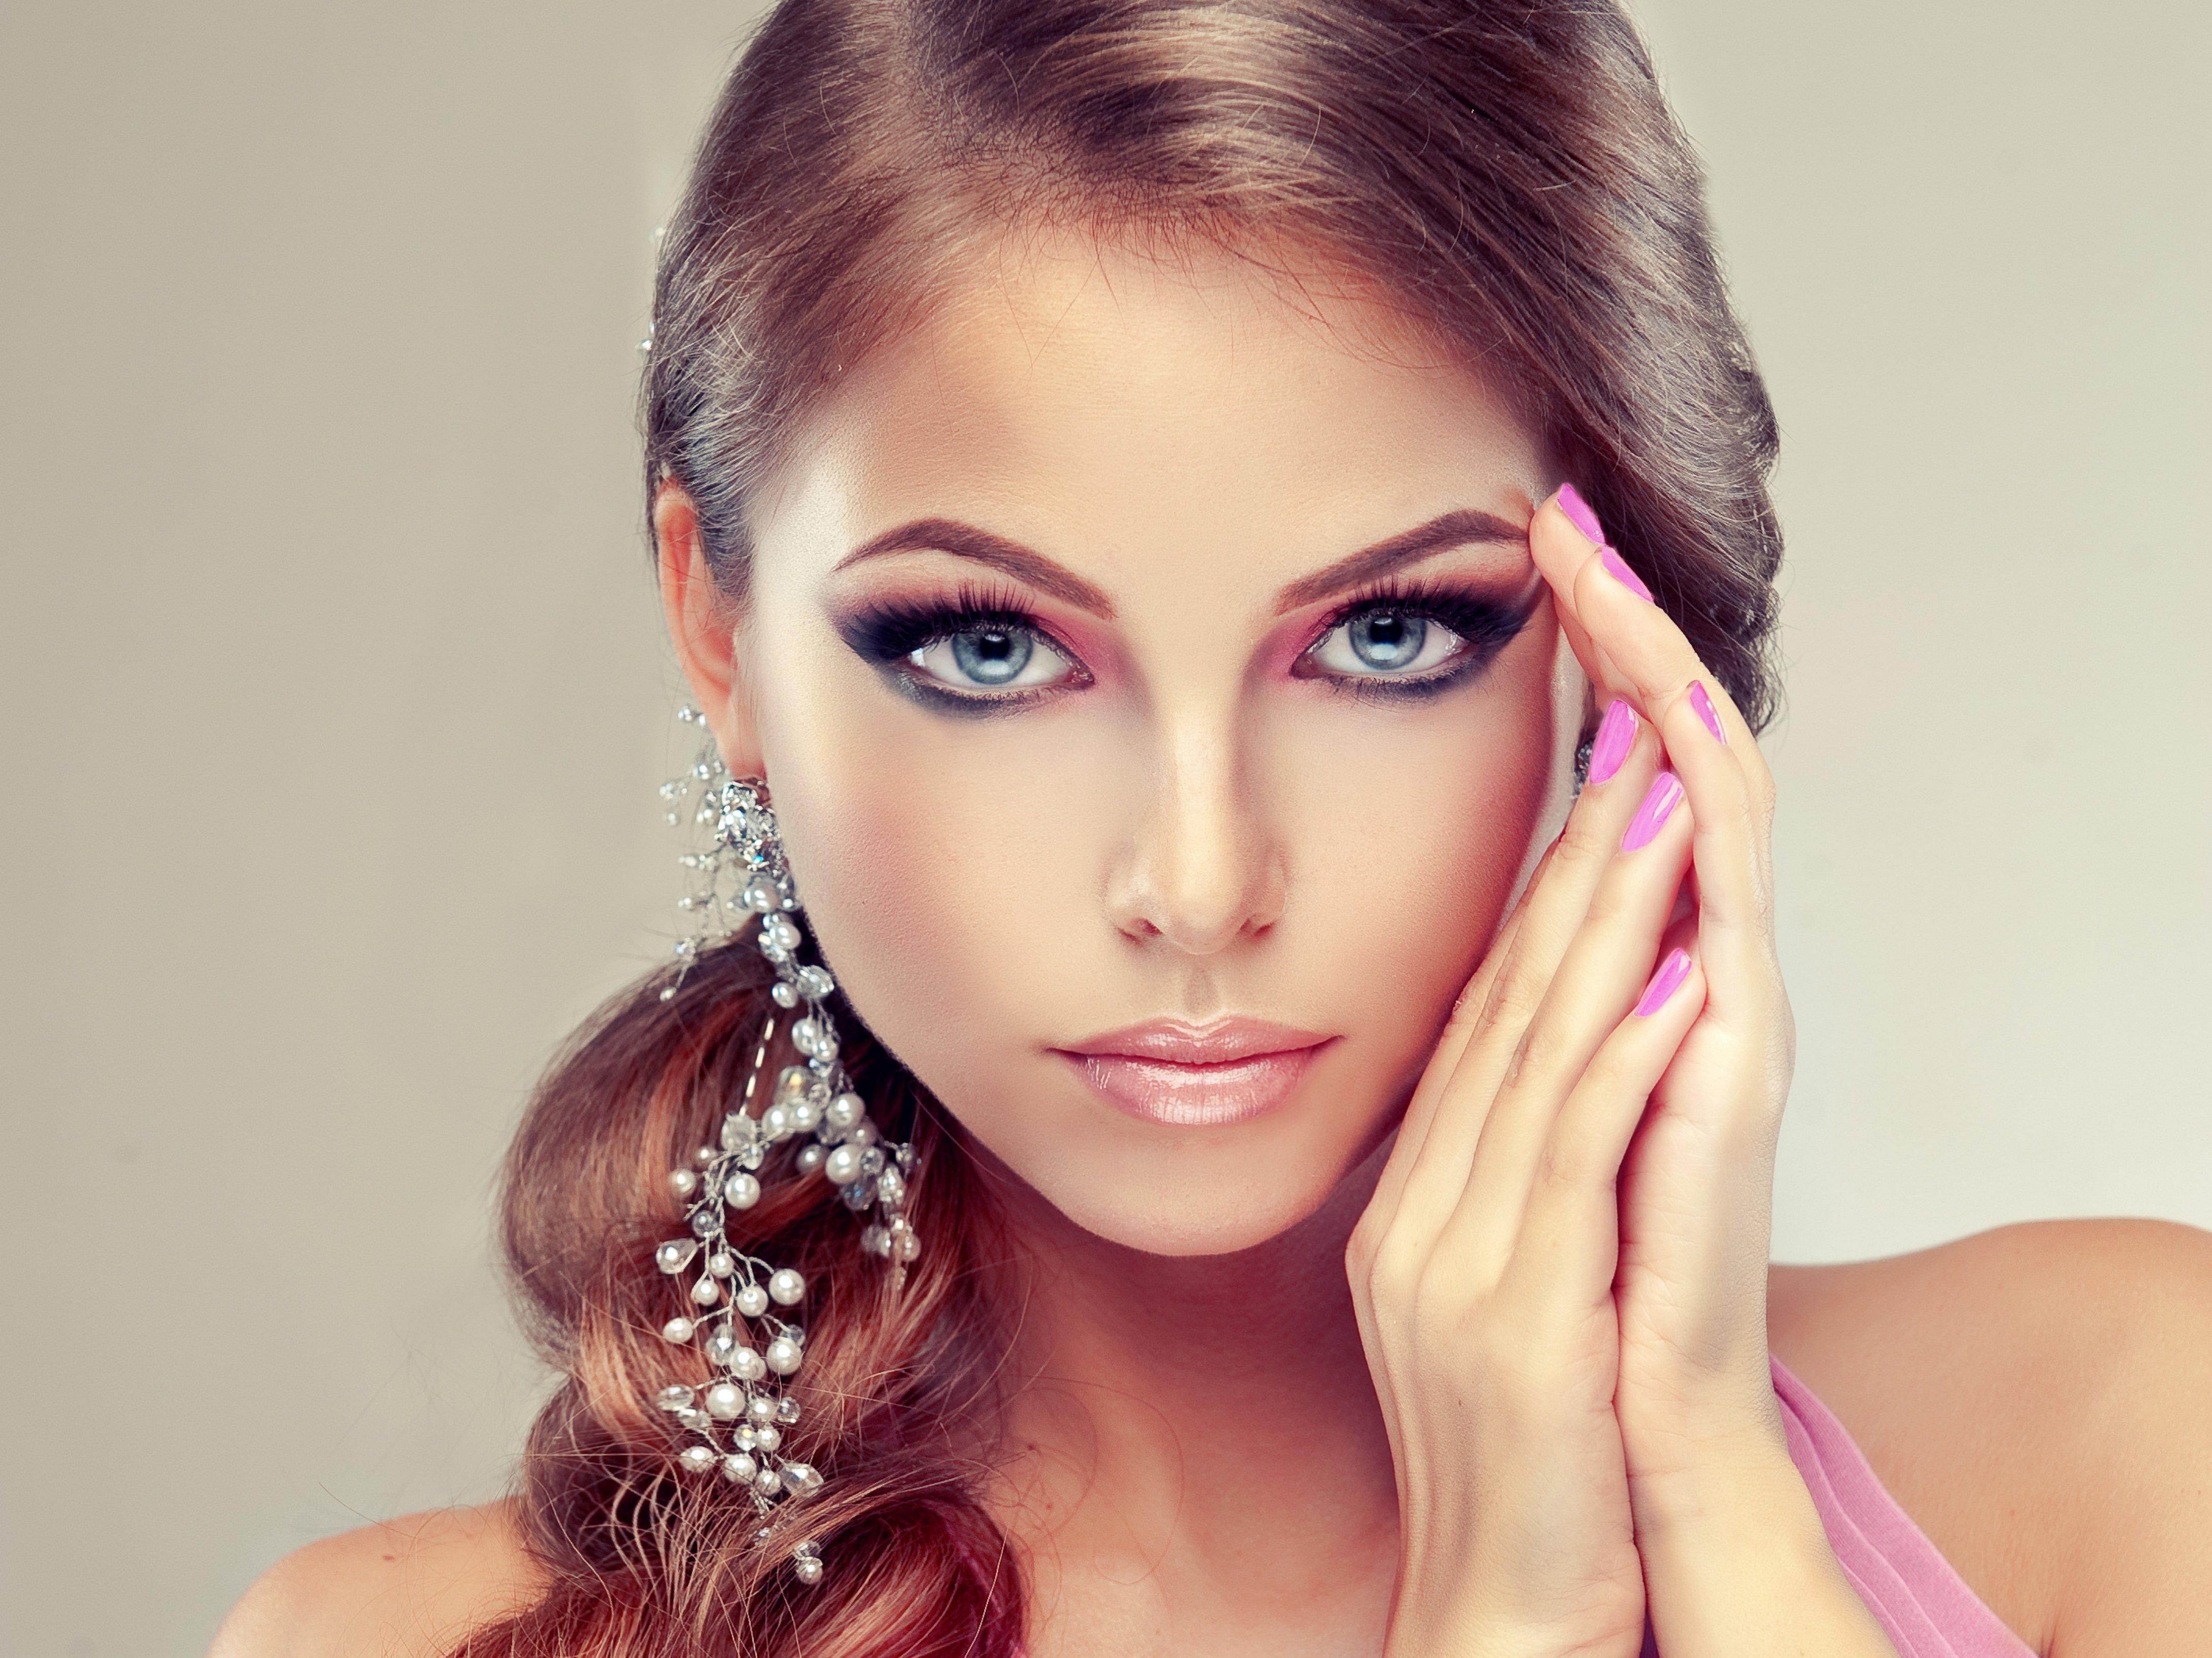 героя фото женских лиц макияж именно